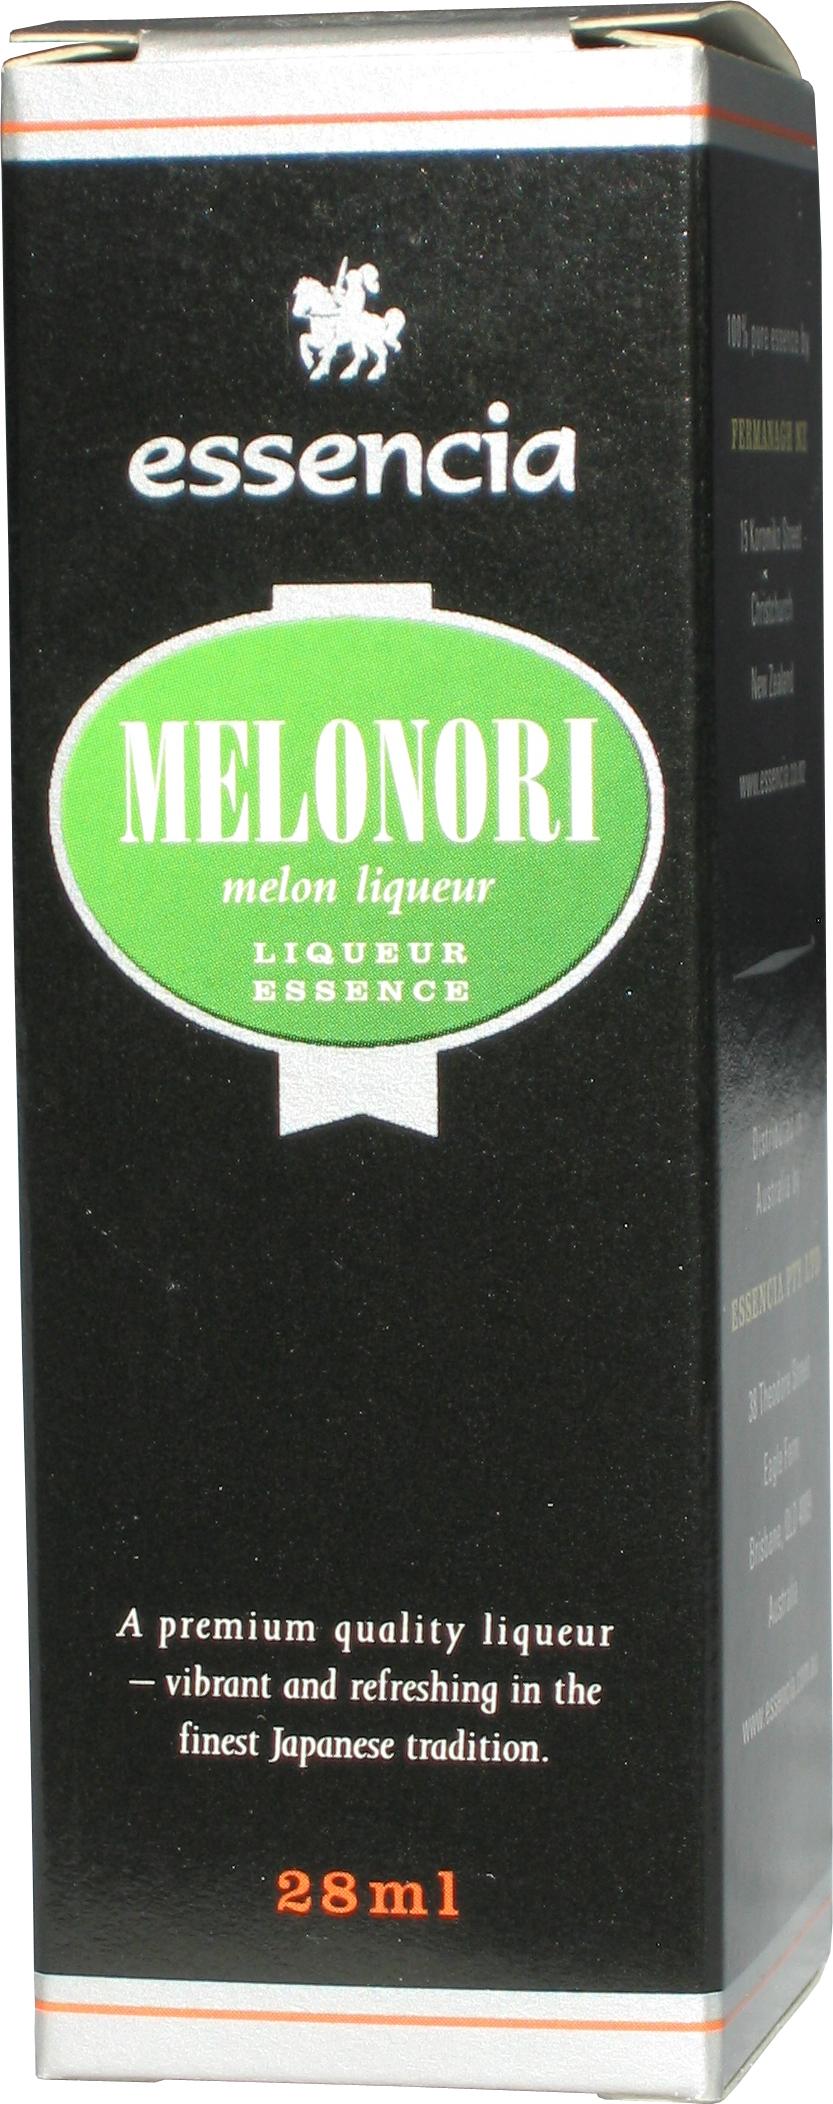 Essencia Melonori